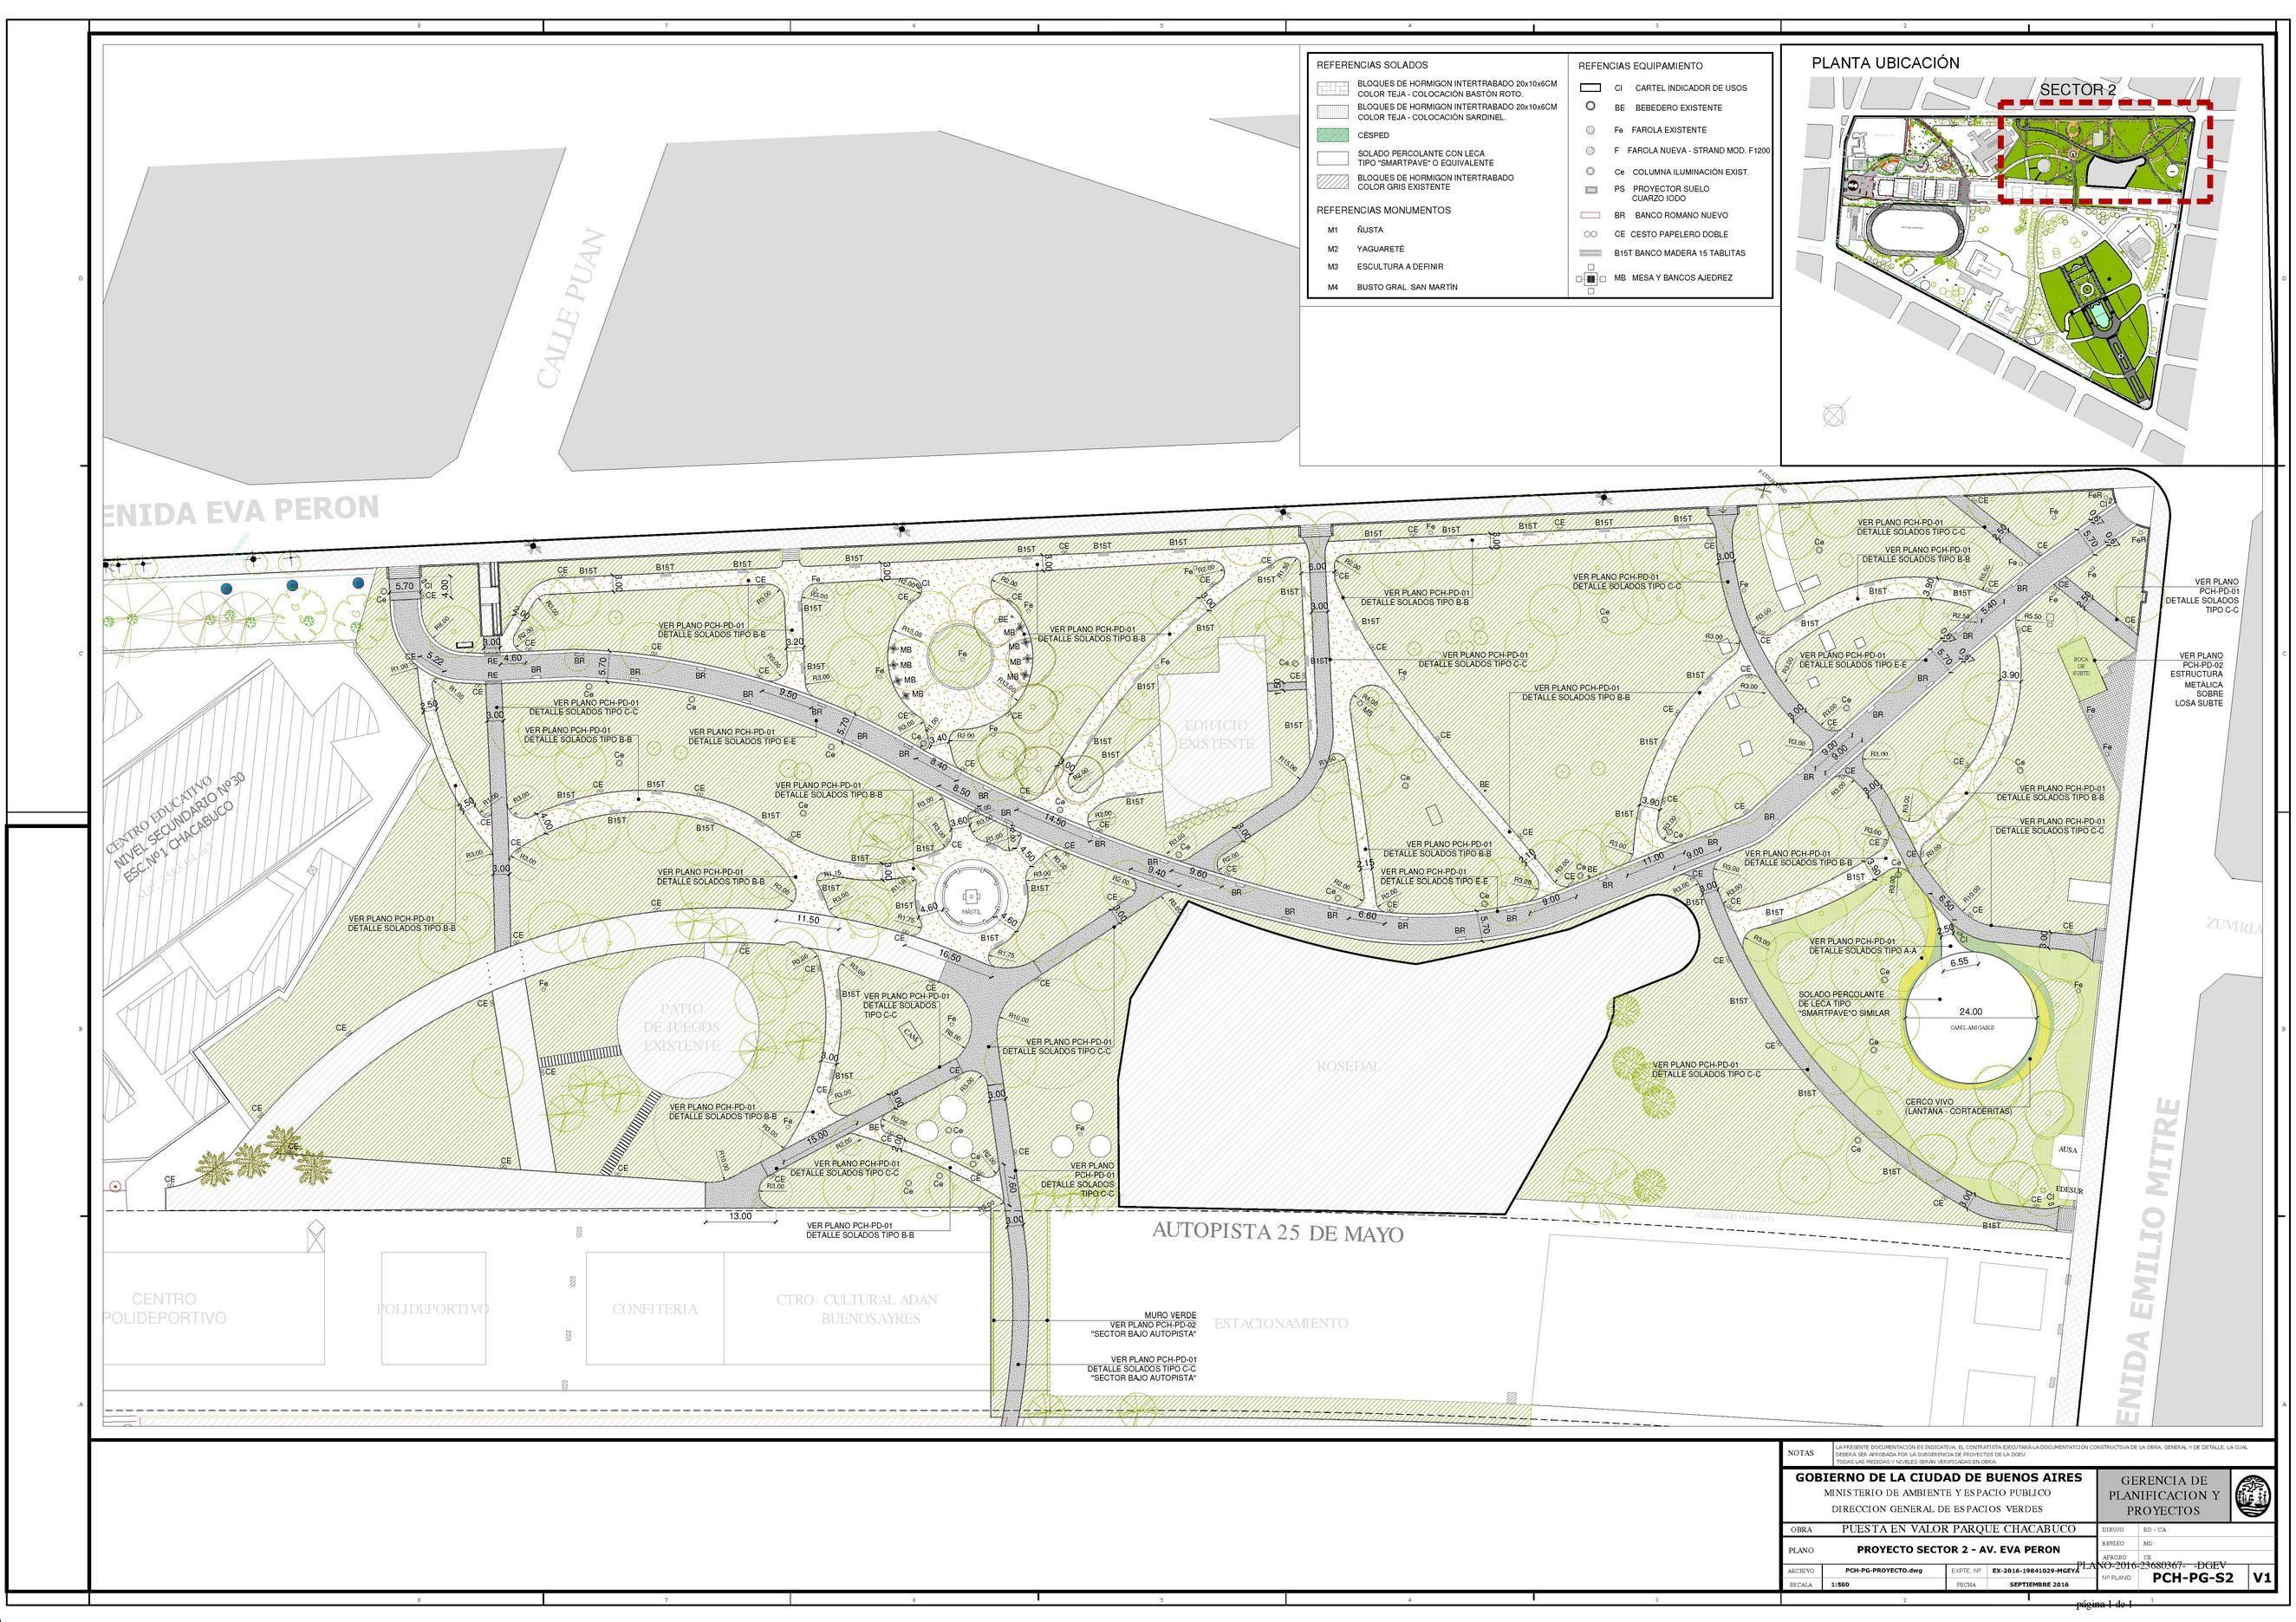 Planos de la renovaci³n Fuente en PDF